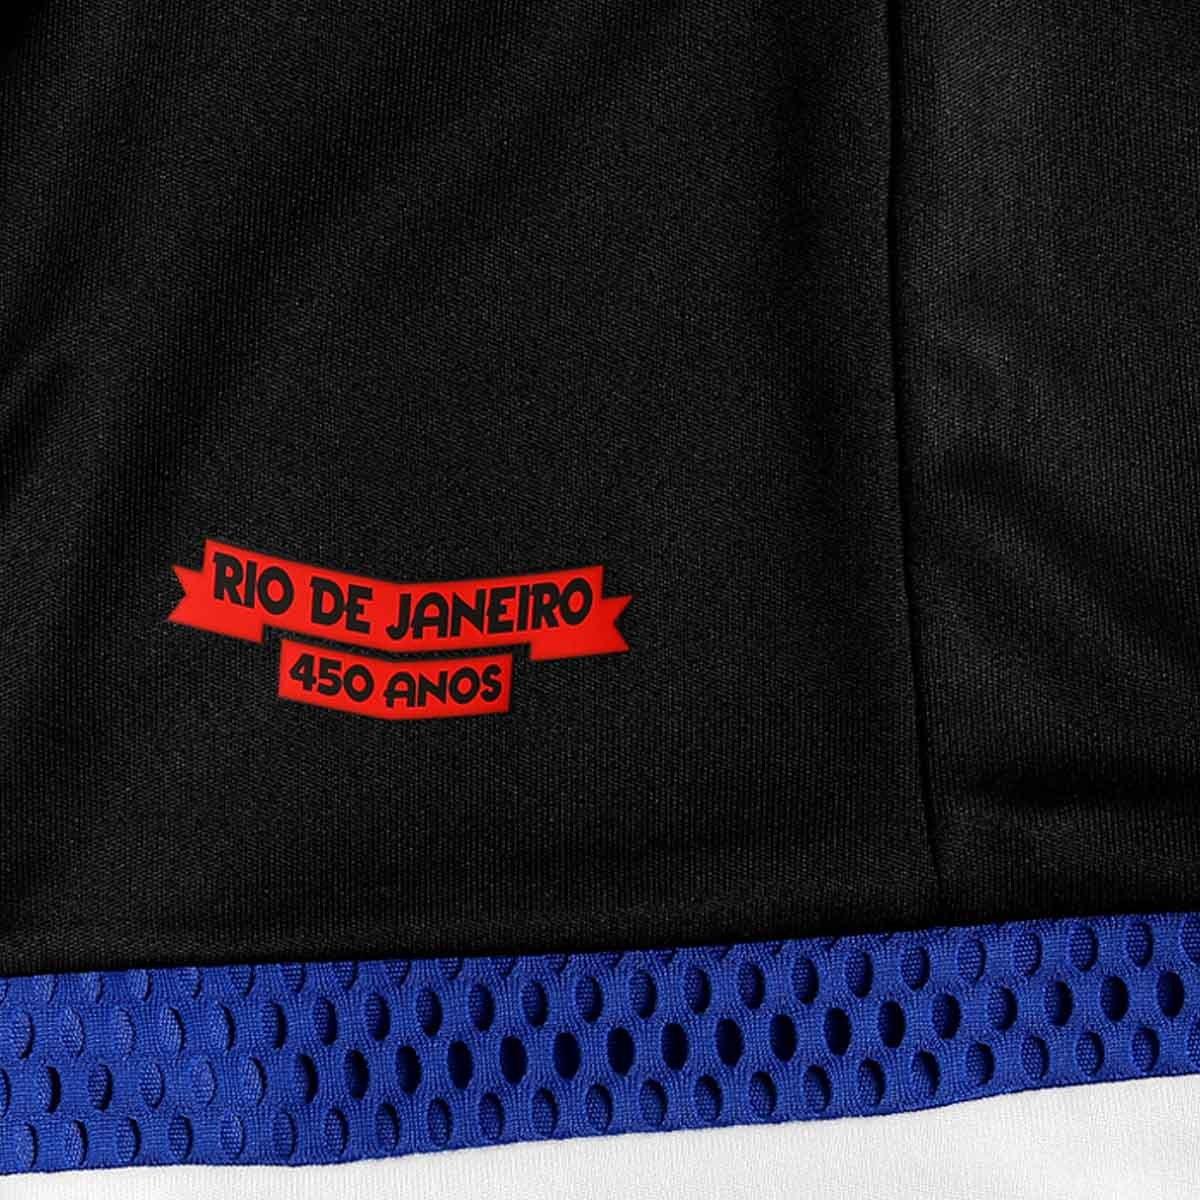 1c12db9eab camisa adidas flamengo papagaio vintém 450 s nº original cnf. Carregando  zoom.